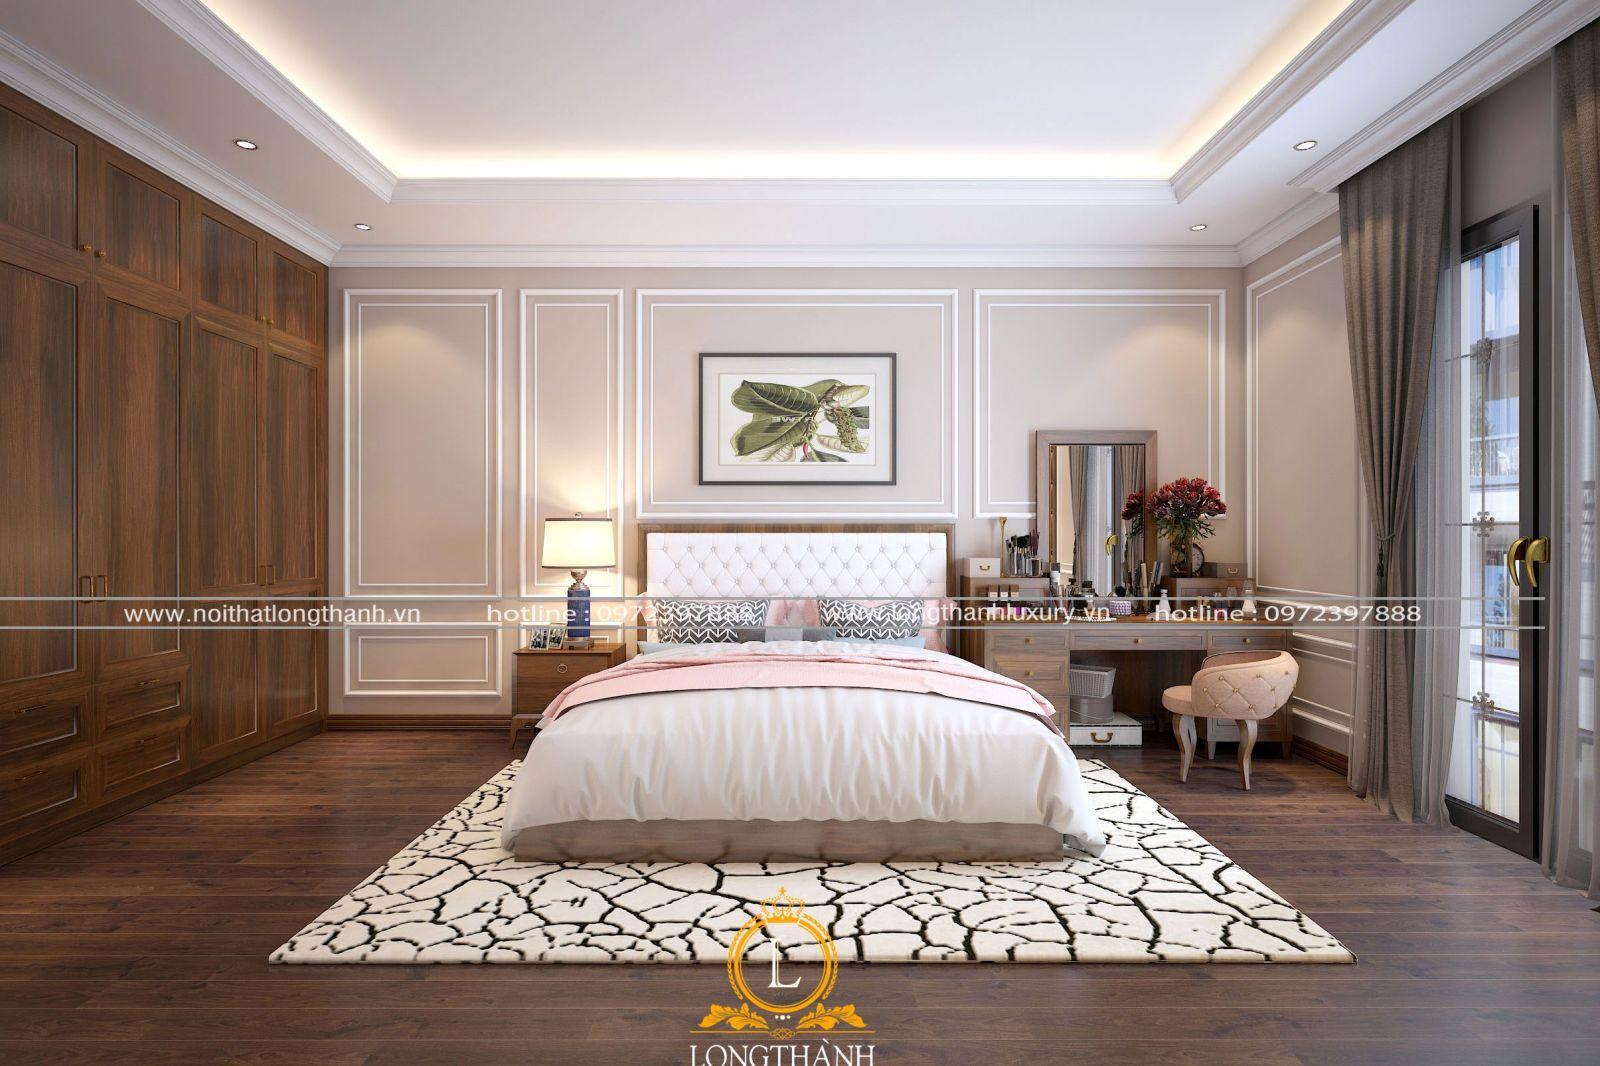 căn phòng ngủ hiện đại ngăn nắp dành cho quý cô